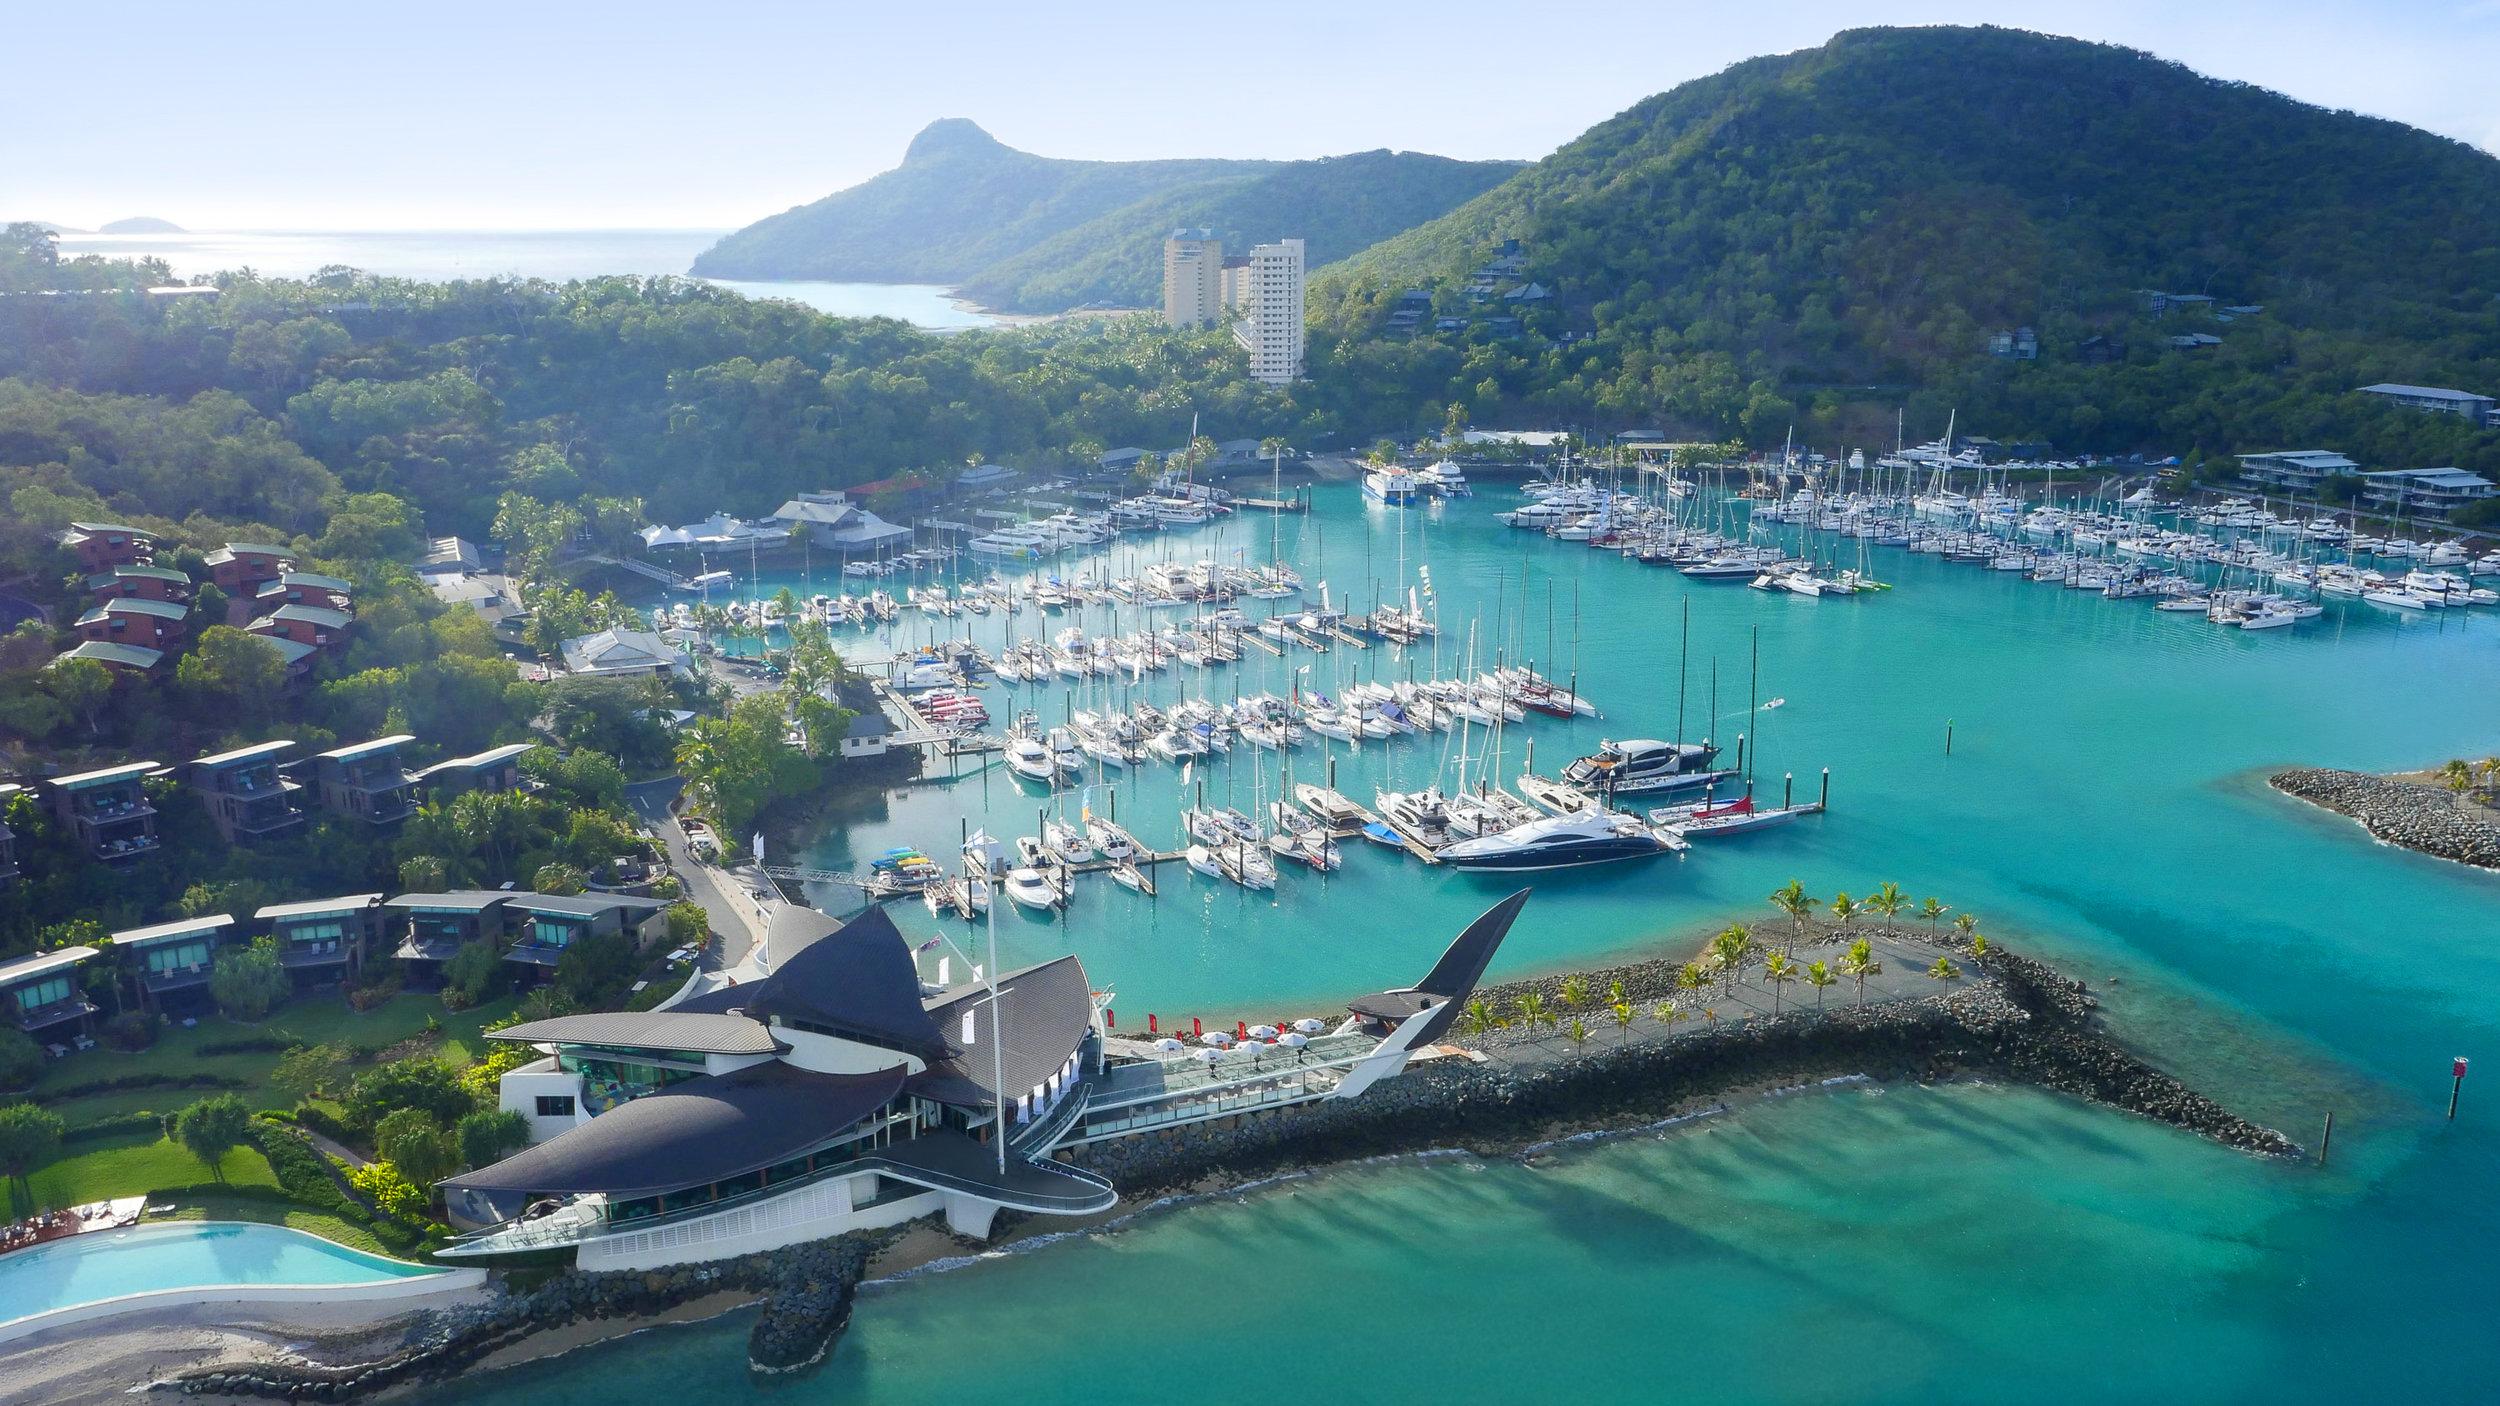 Hamilton Island - Marina and Resort